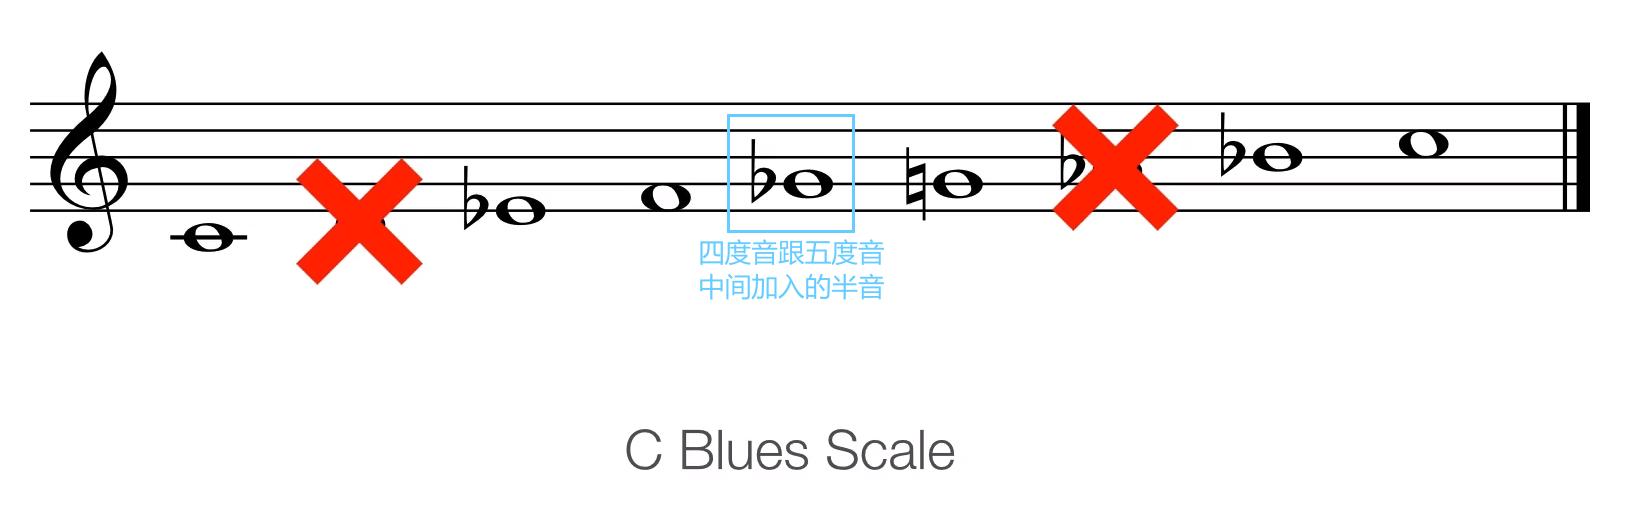 C 蓝调音阶